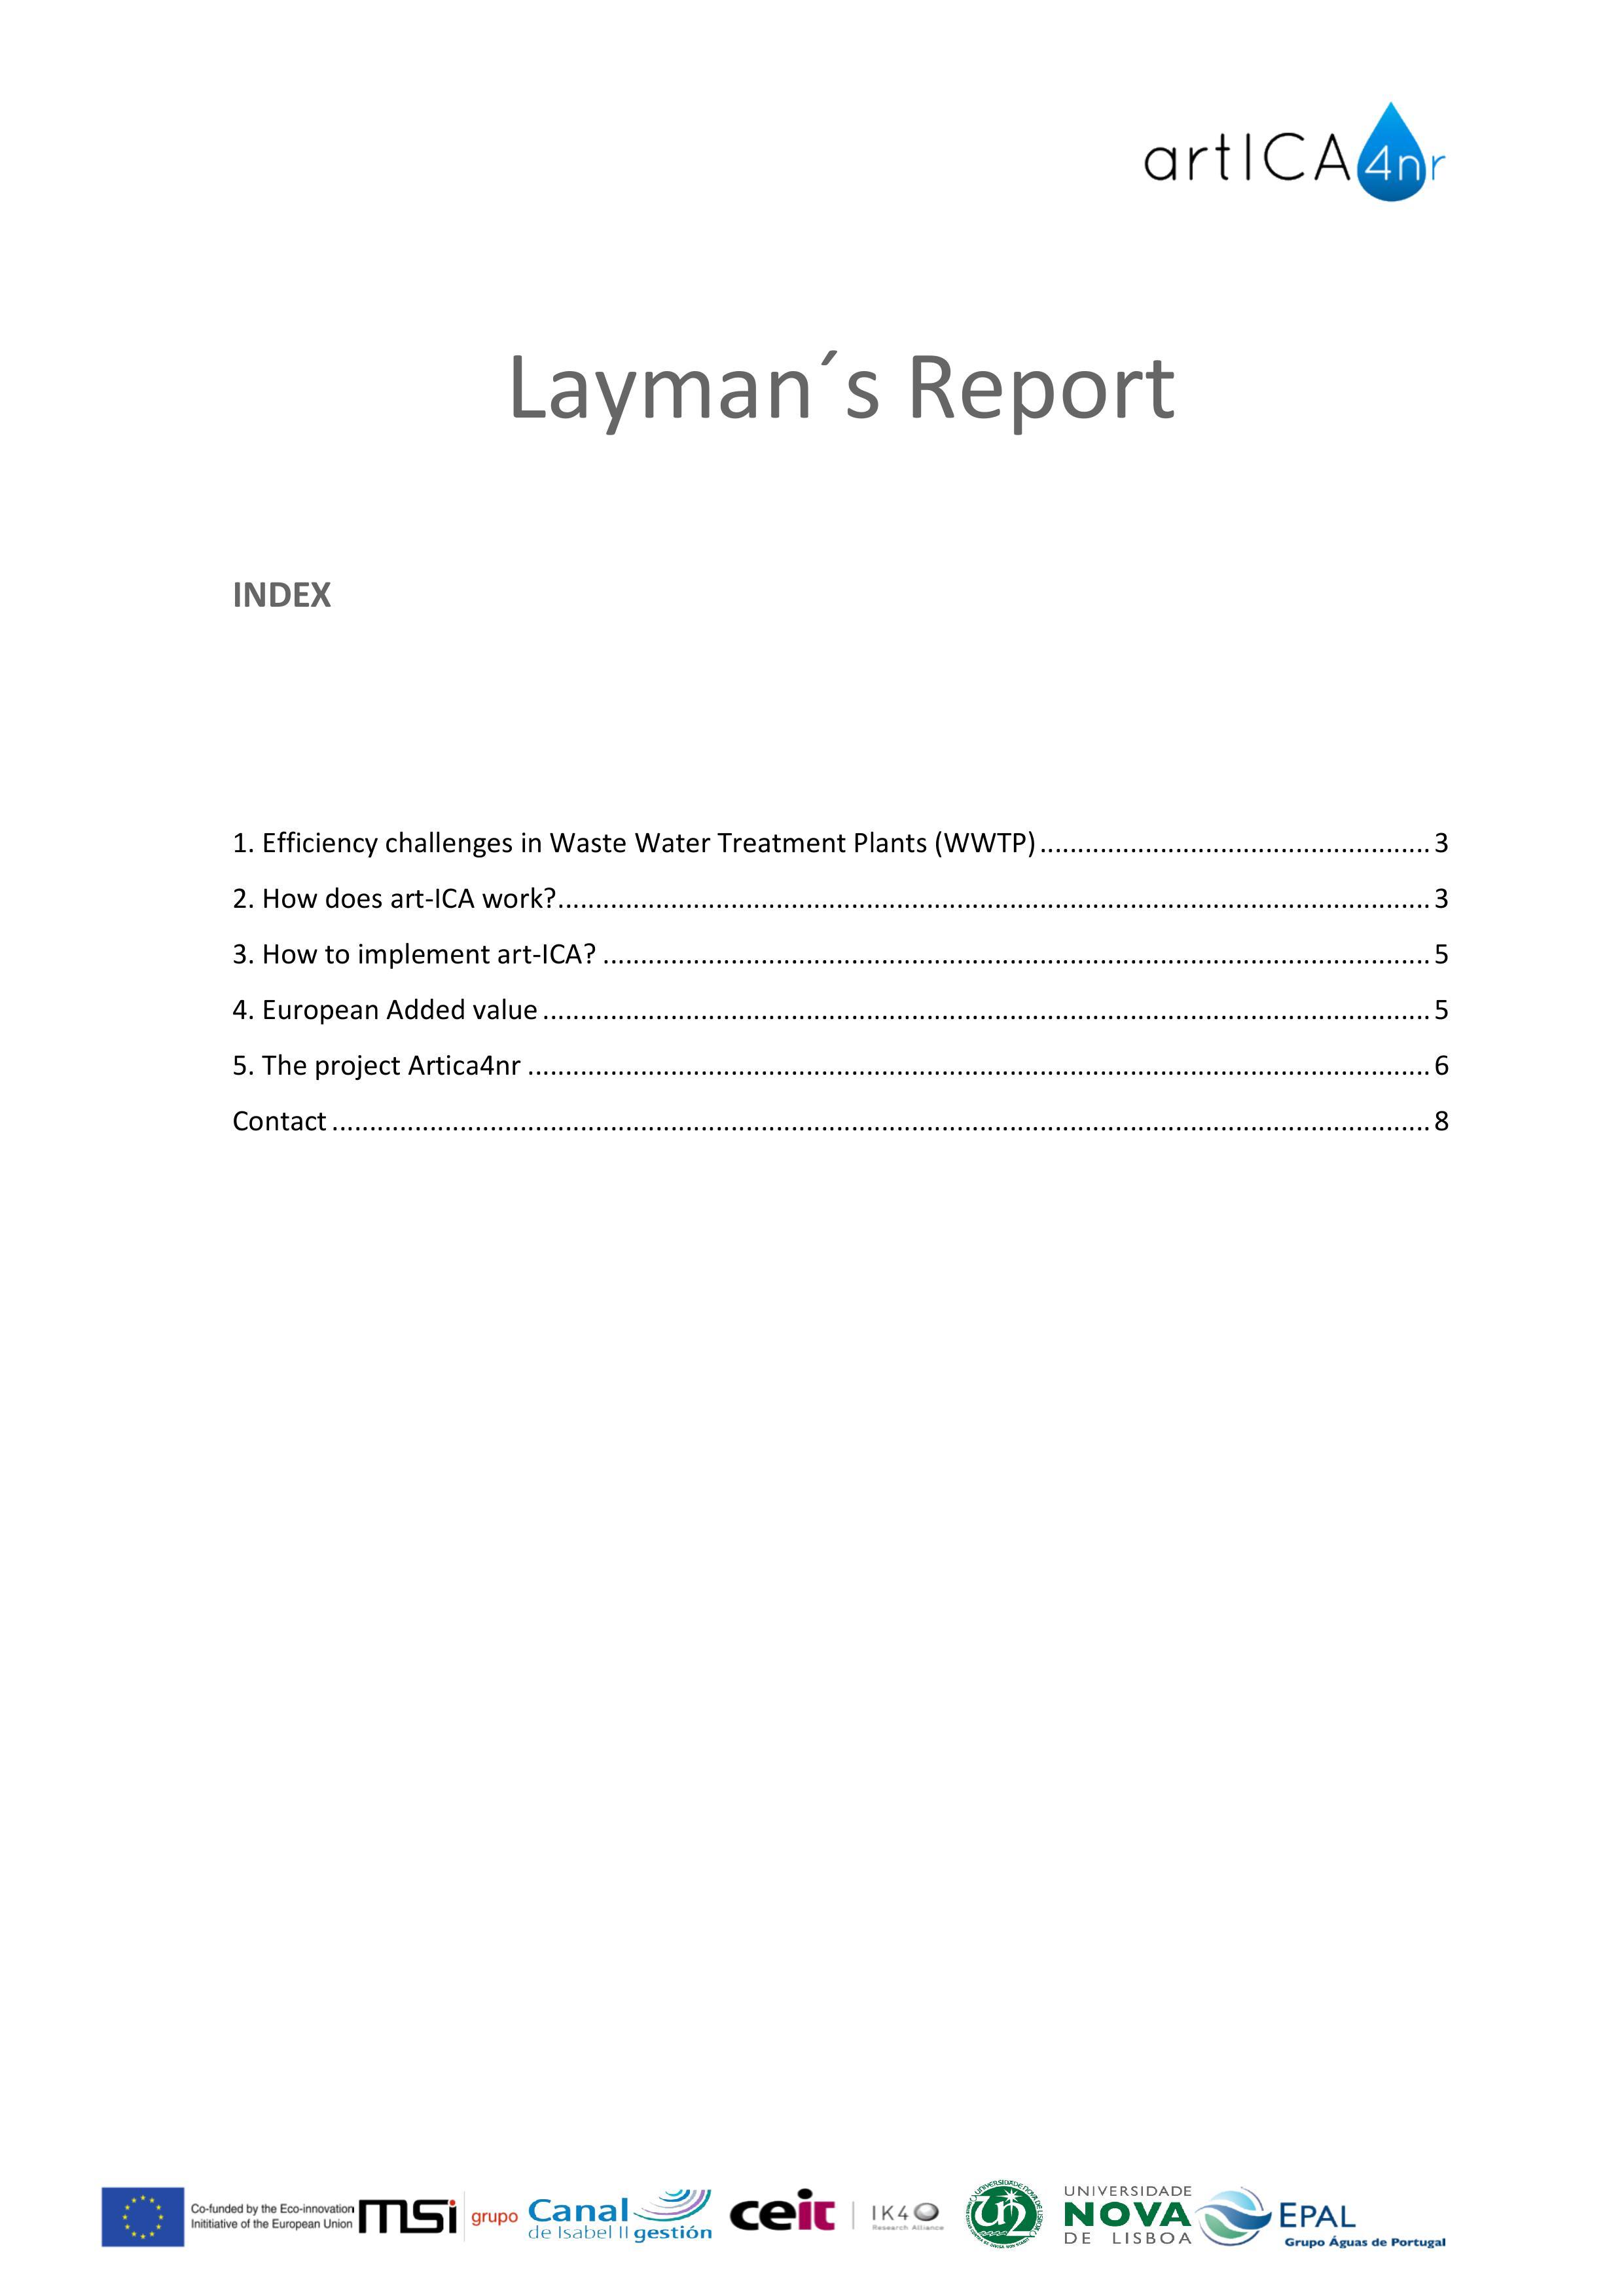 Layman Report ArtICA4nr 2